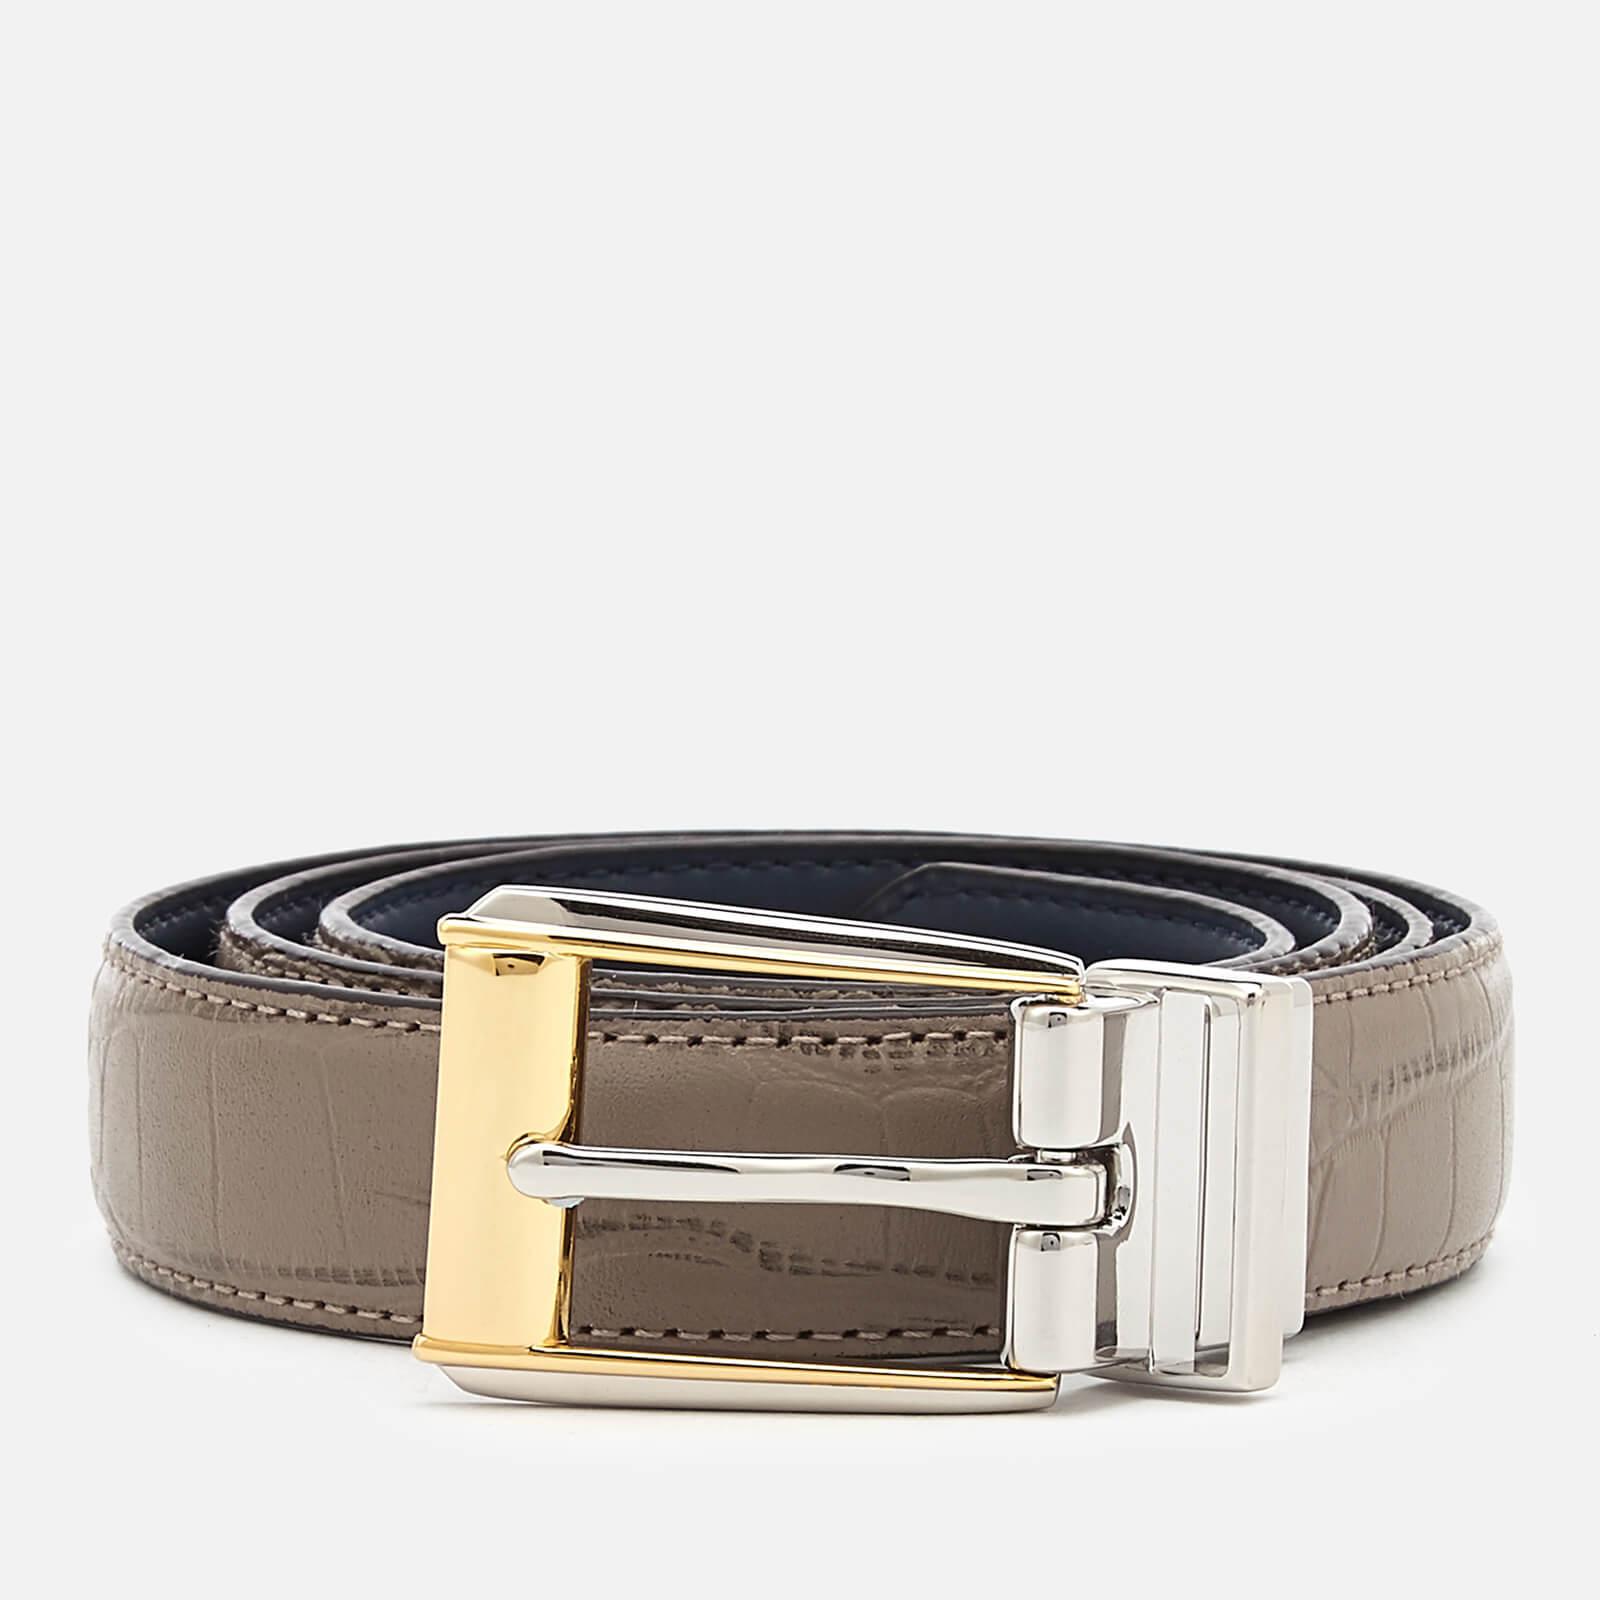 defc1714c Lauren Ralph Lauren Women's 3/4 Reversible Skinny Belt - Taupe/Navy